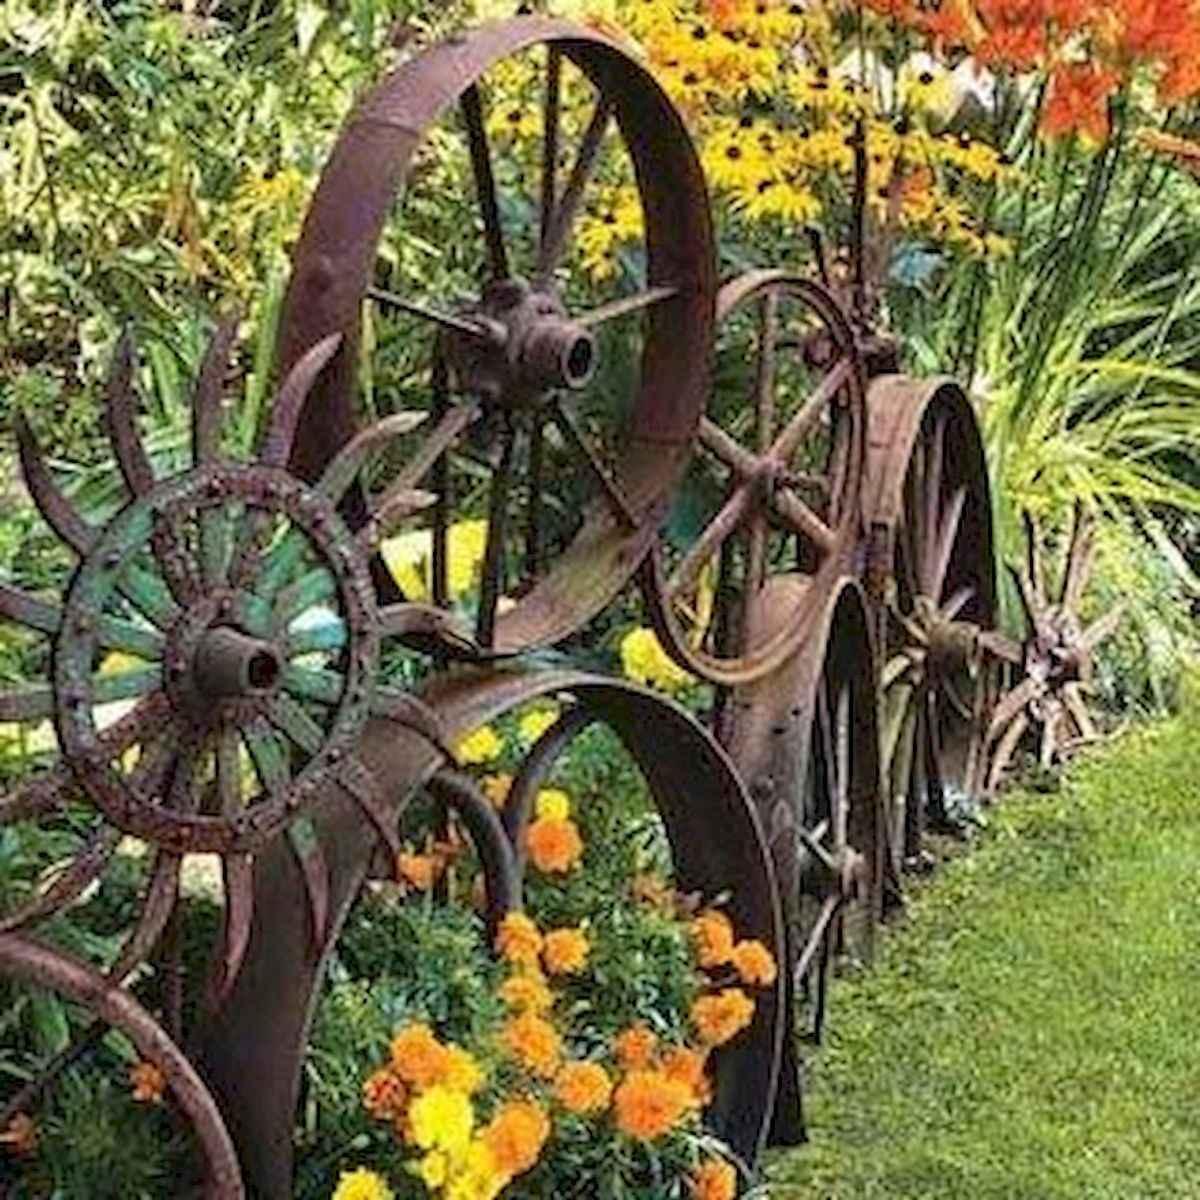 70 Creative and Inspiring Garden Art From Junk Design Ideas For Summer (71)